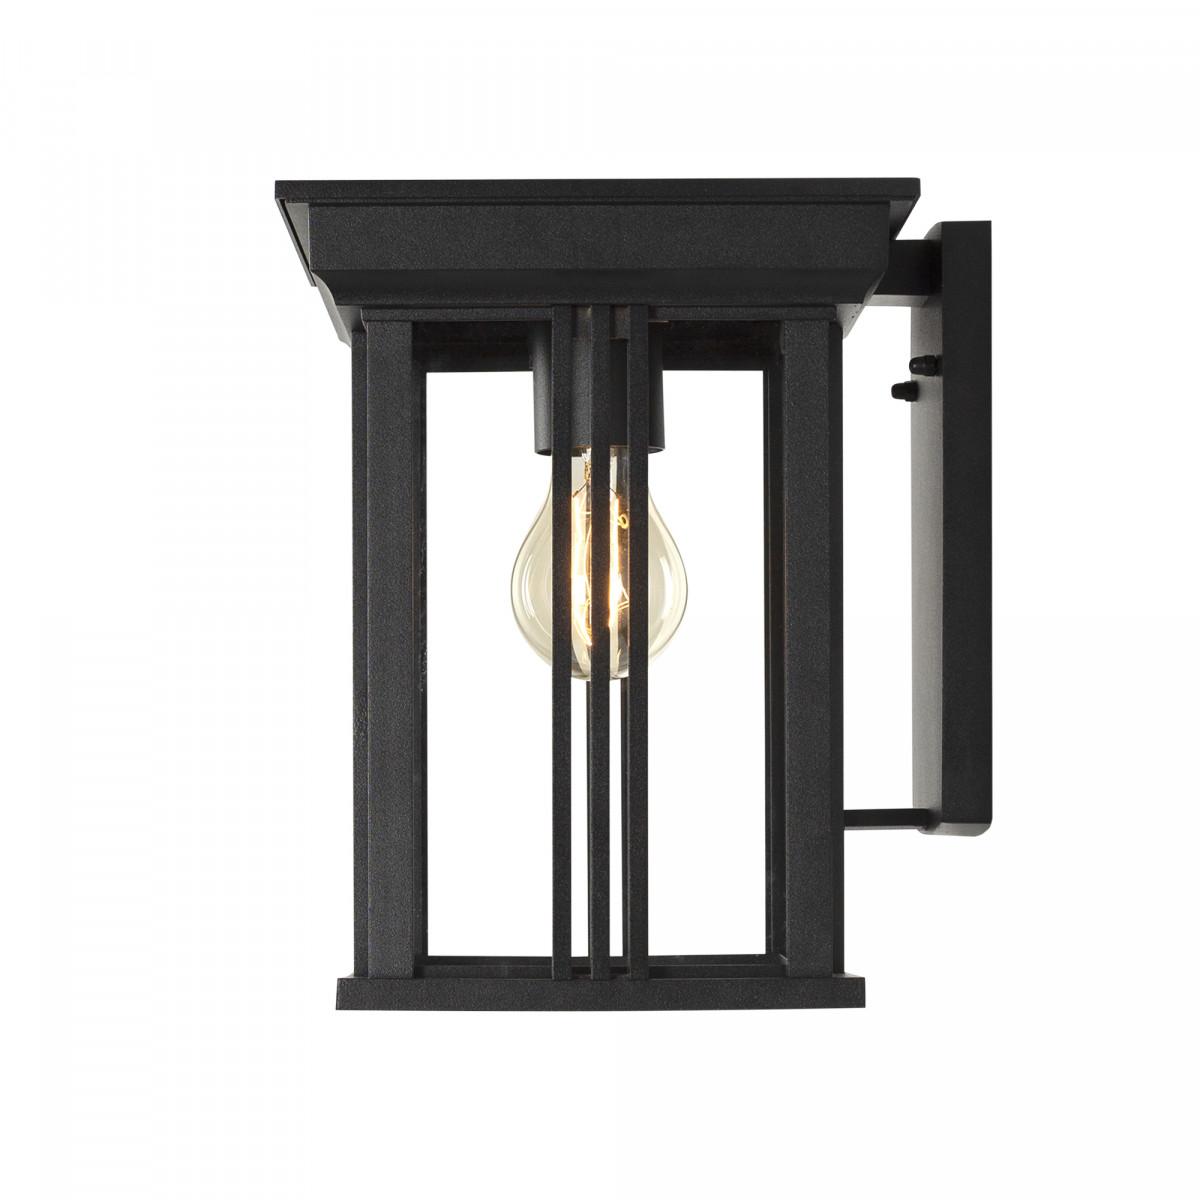 Zwarte wandlamp voor buiten, strak modern klassieke verlichting, box design, heldere beglazing, strakke belijning, zwart frame